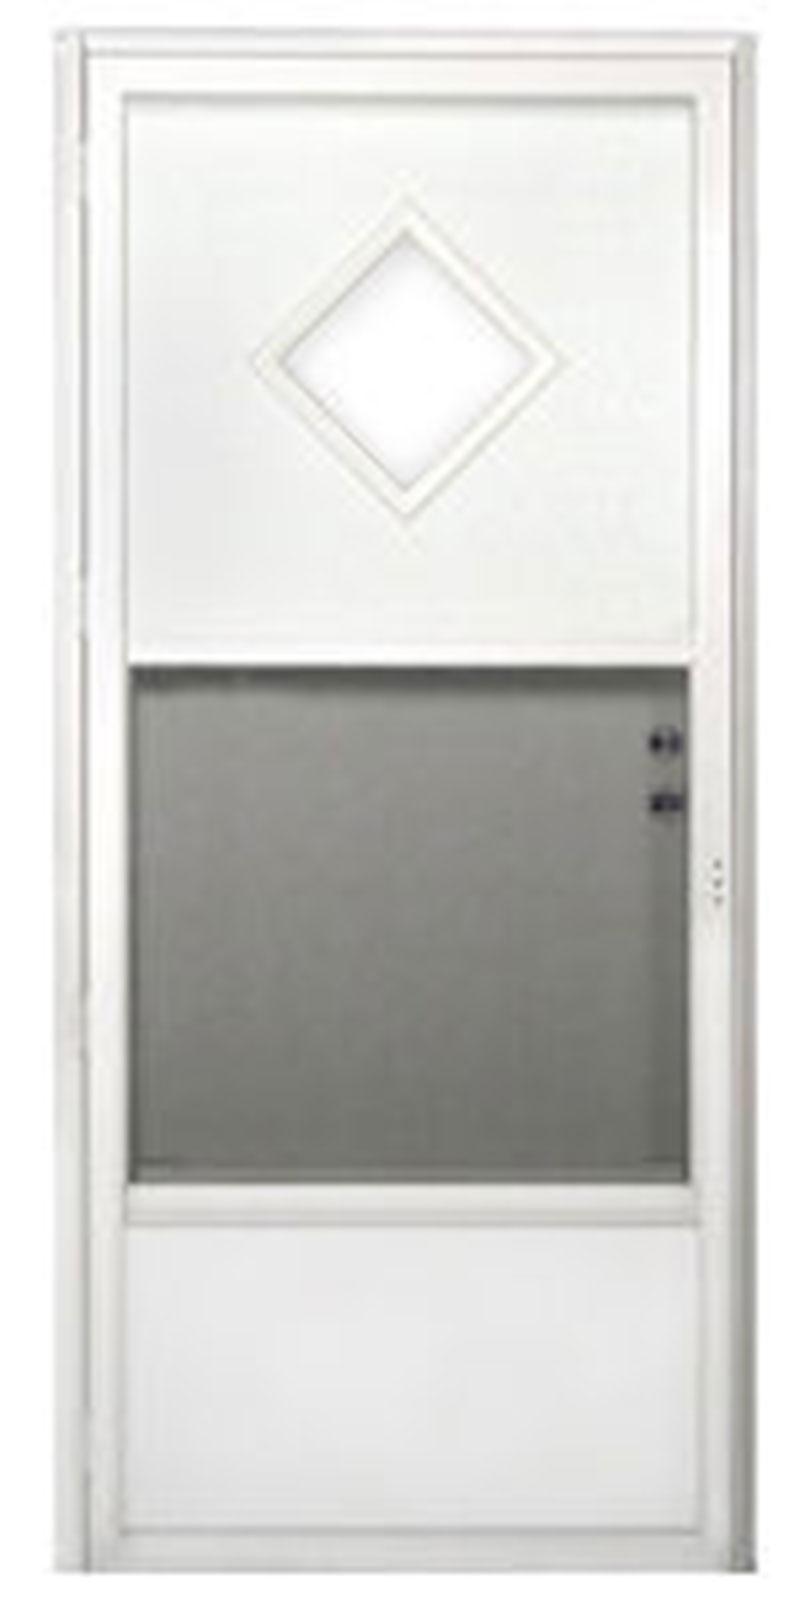 2. Combination Mobile Home Exterior Door with Diamond Window